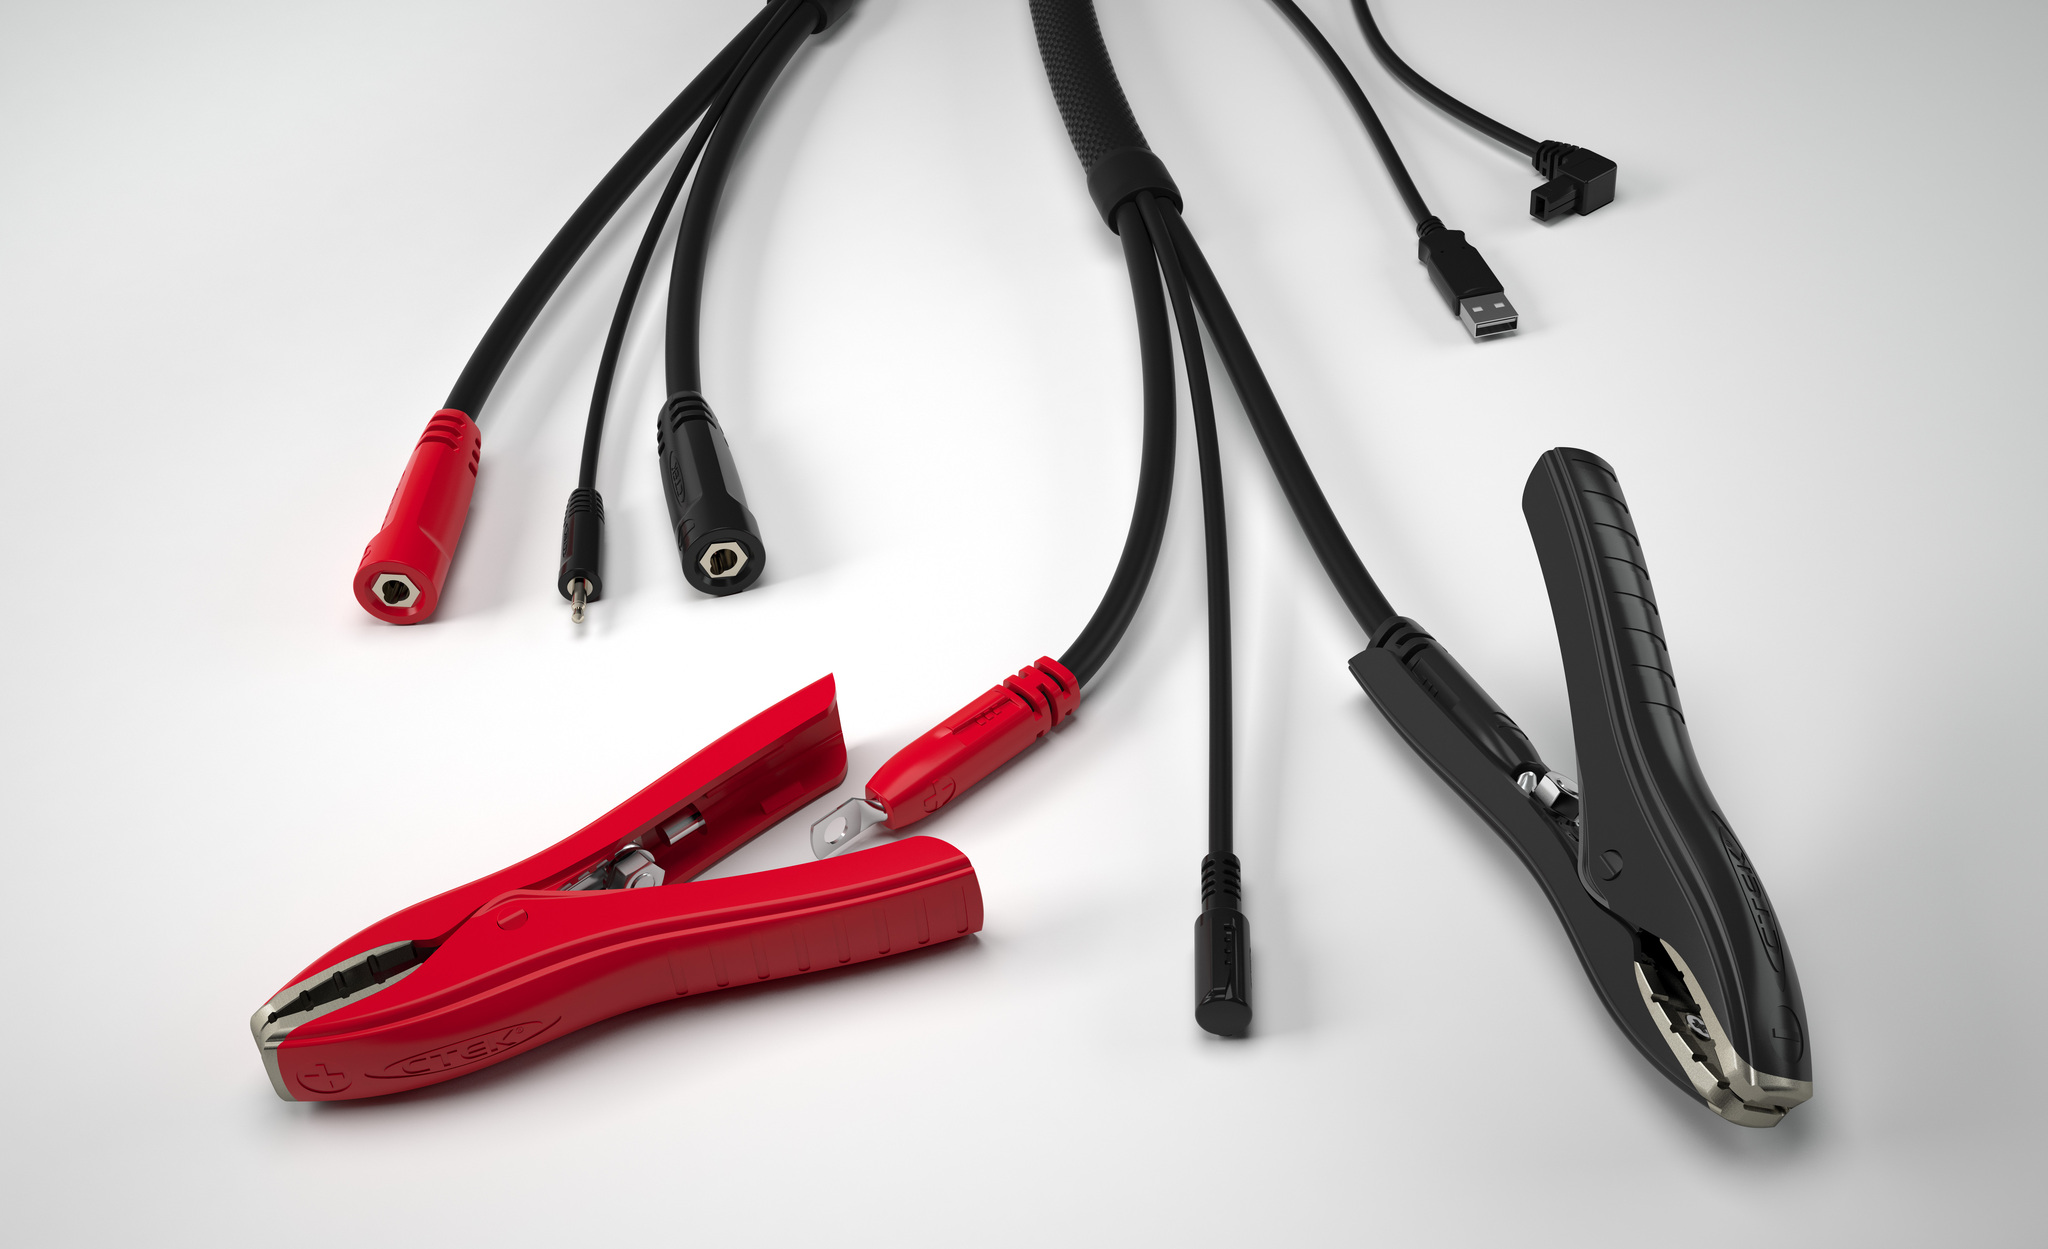 CTEK MXTS 40 зарядное устройство для автомобильных аккумуляторов